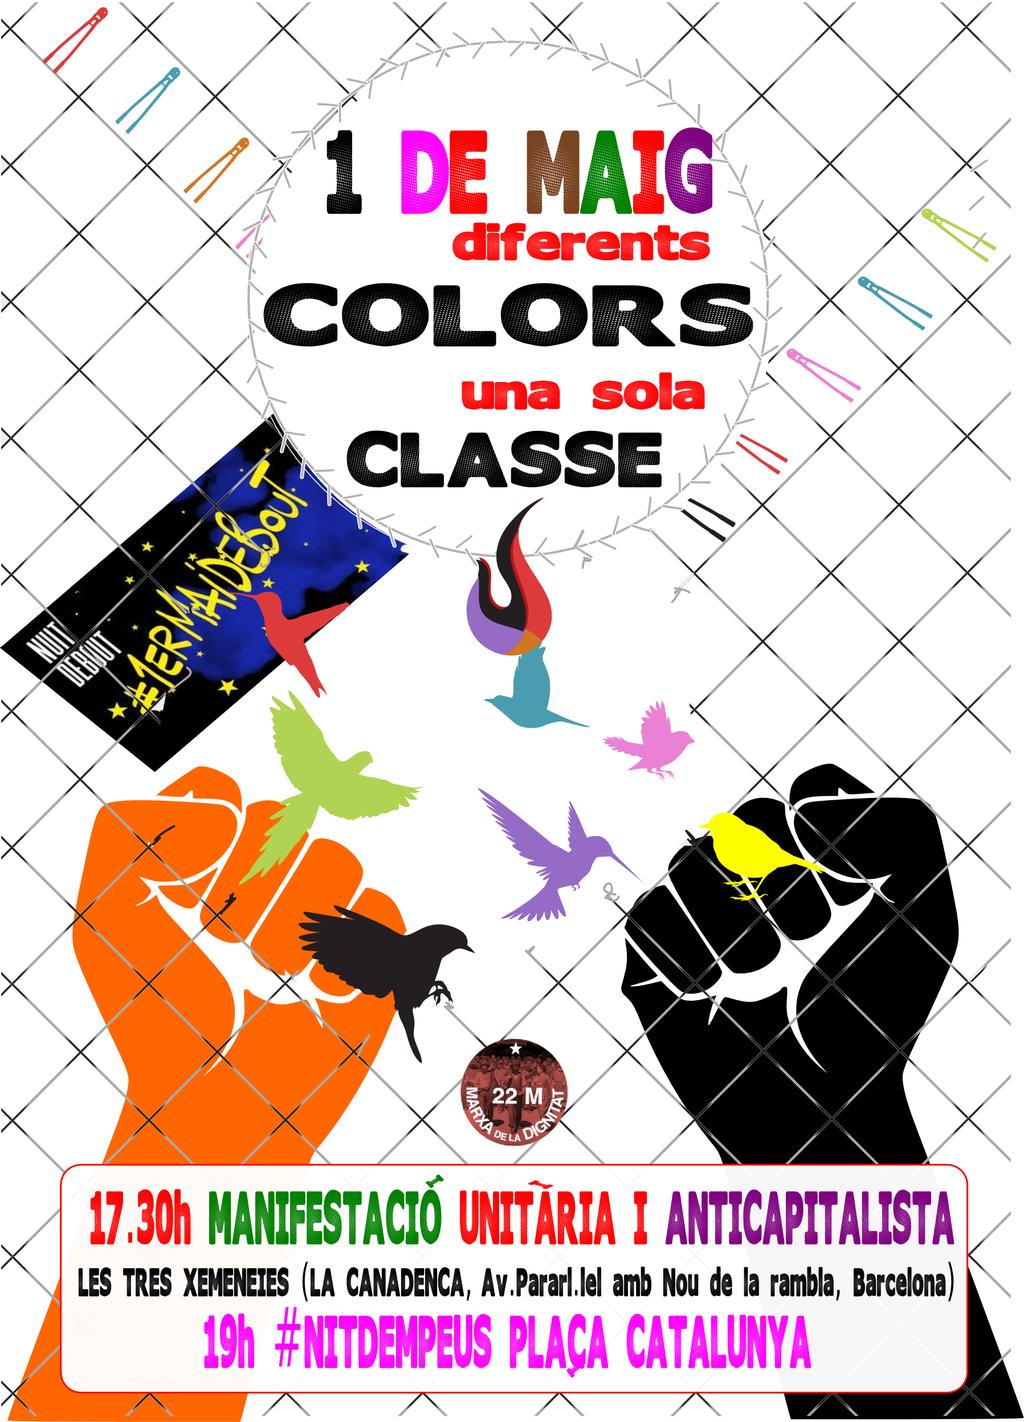 1 de Maig, Diferents colors una sola Classe.